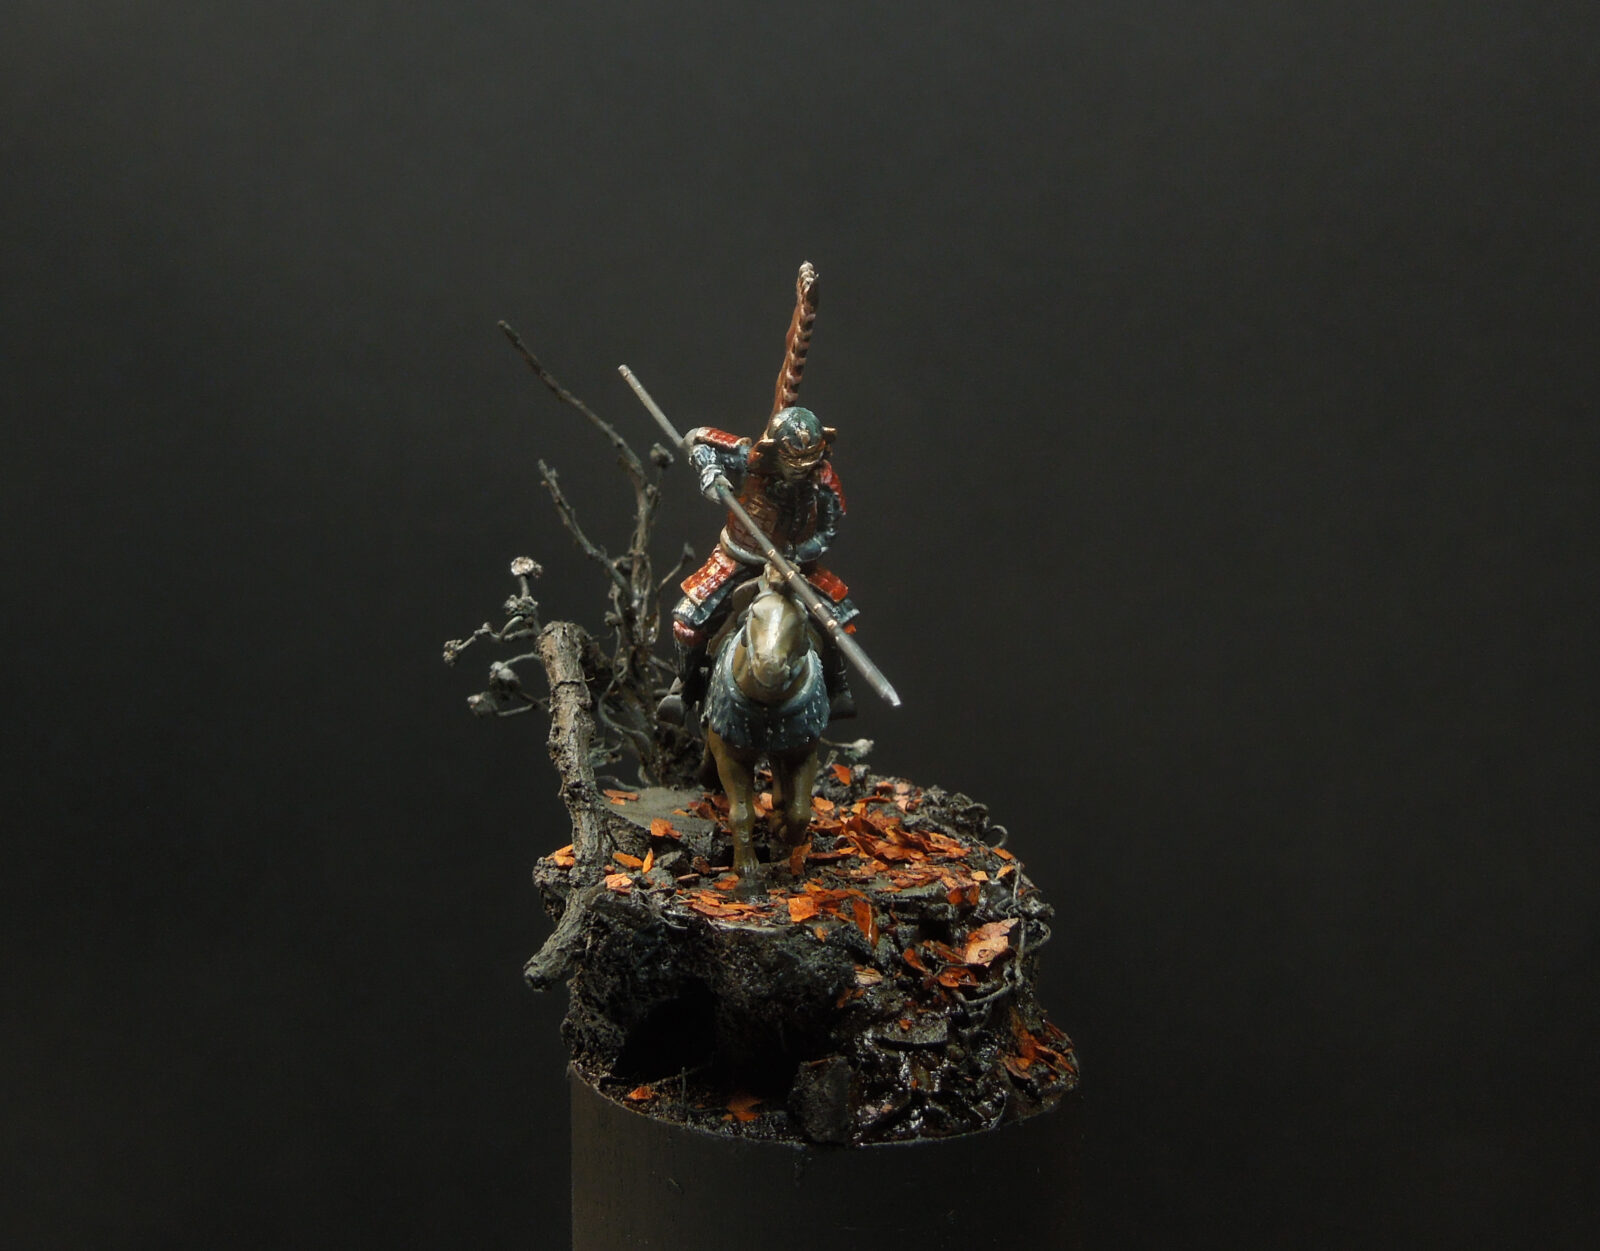 Samuraihorse04